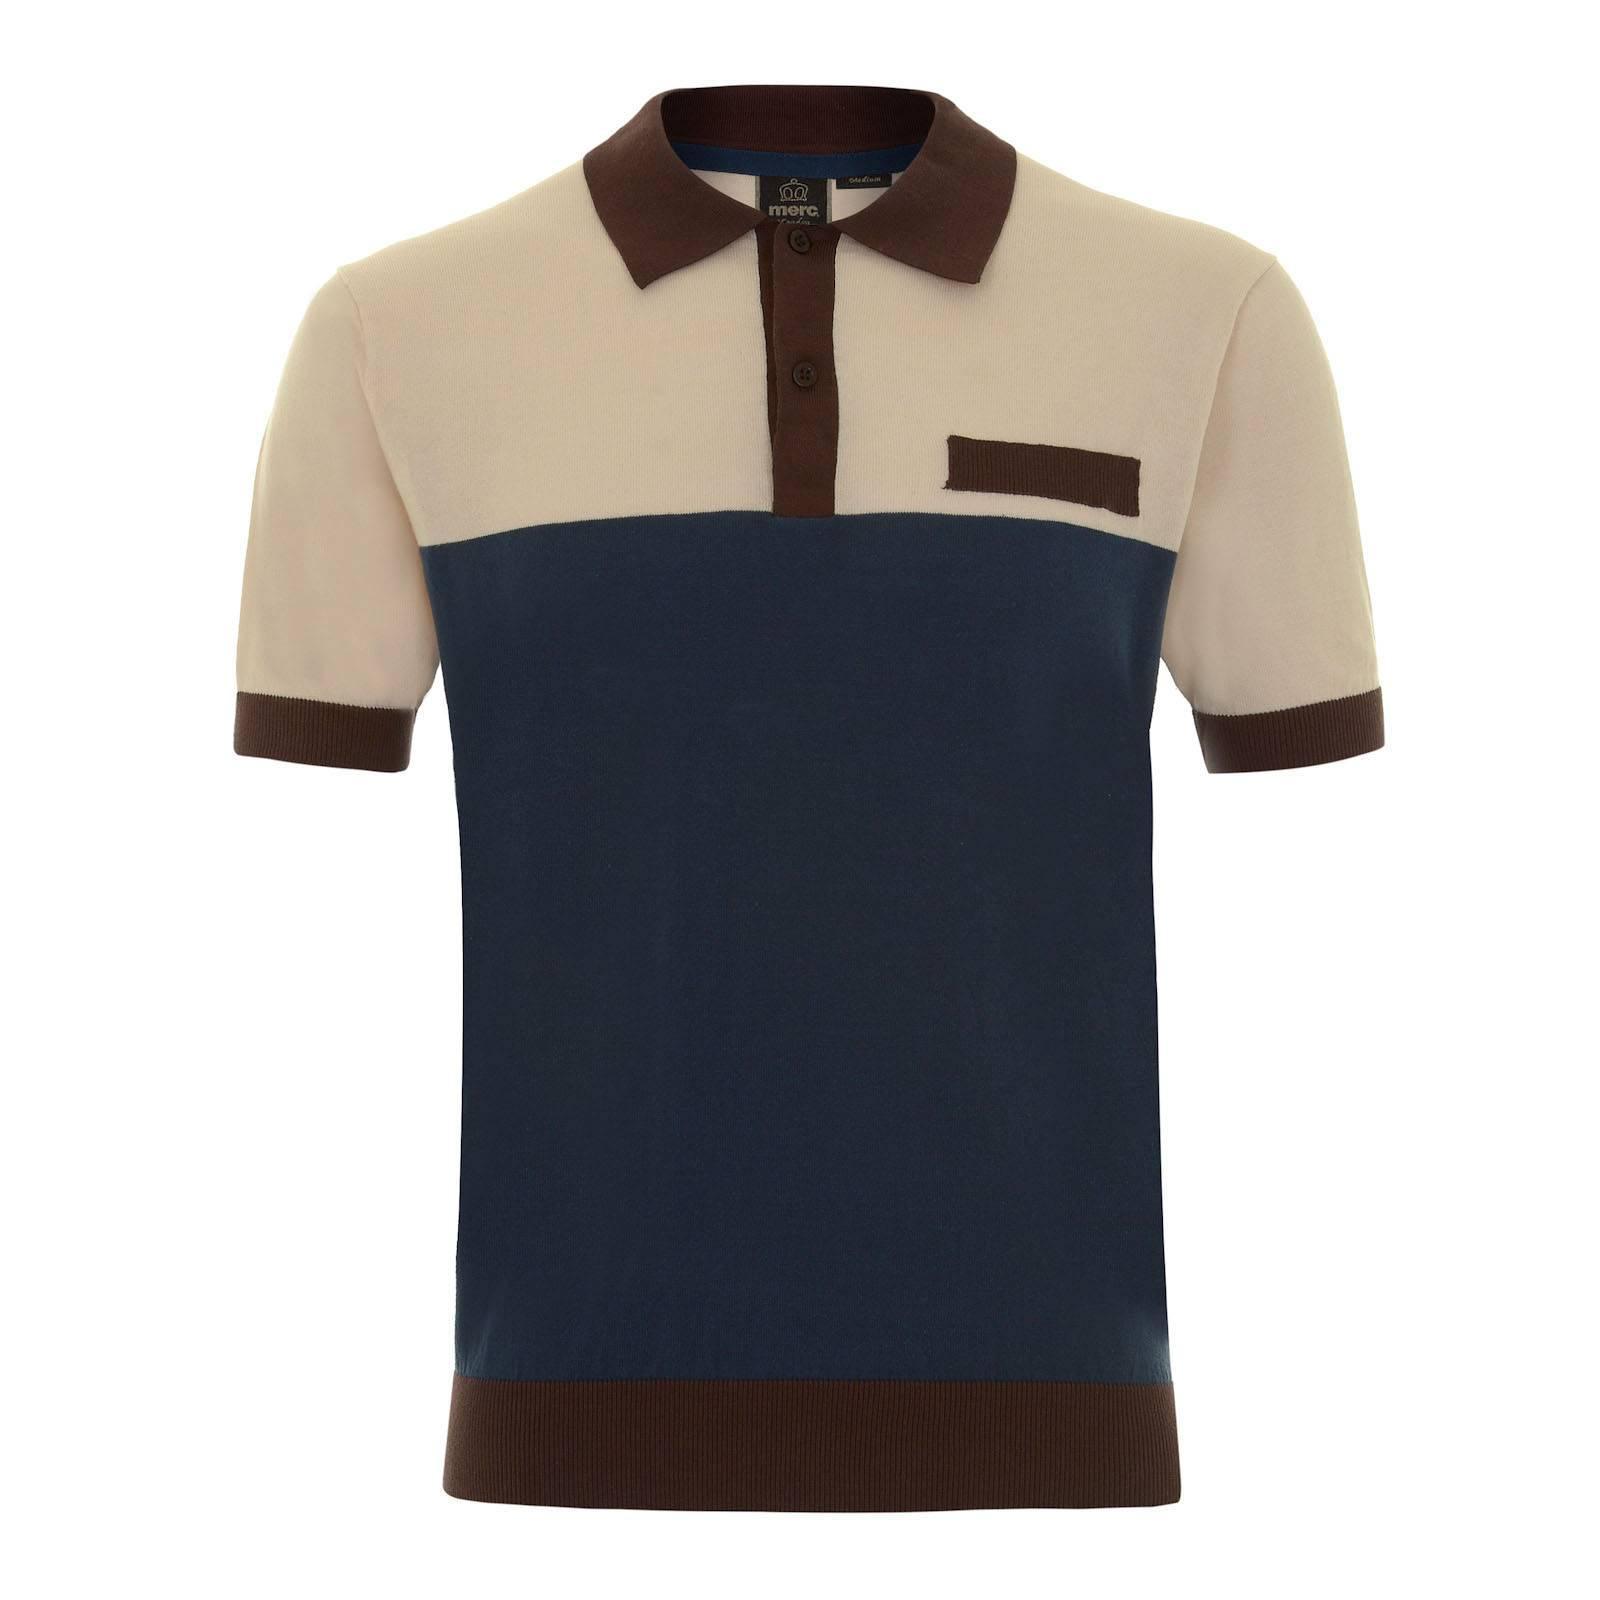 Рубашка Поло Malibu от MercLondon